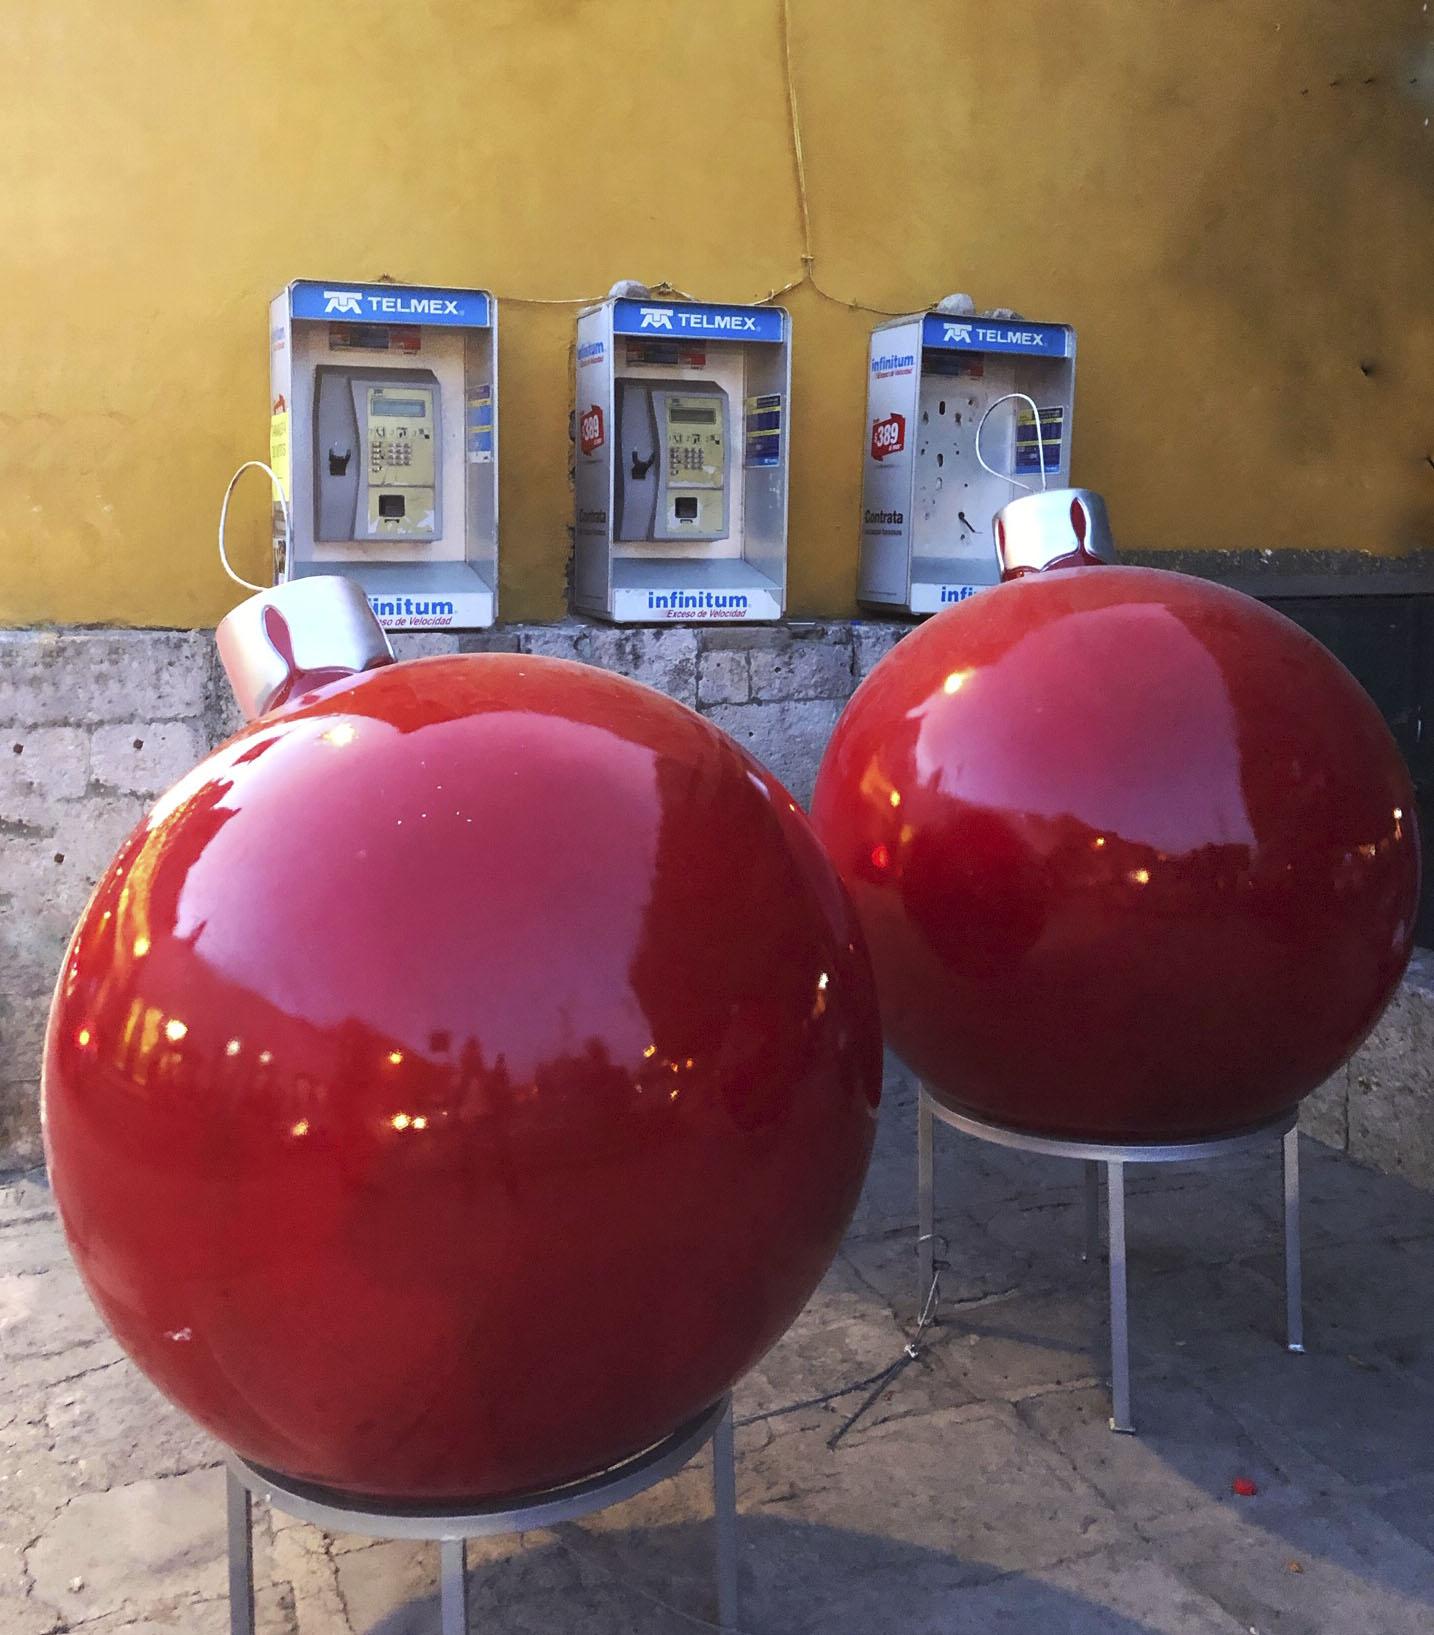 Red Xmas balls IMG_0100.jpg